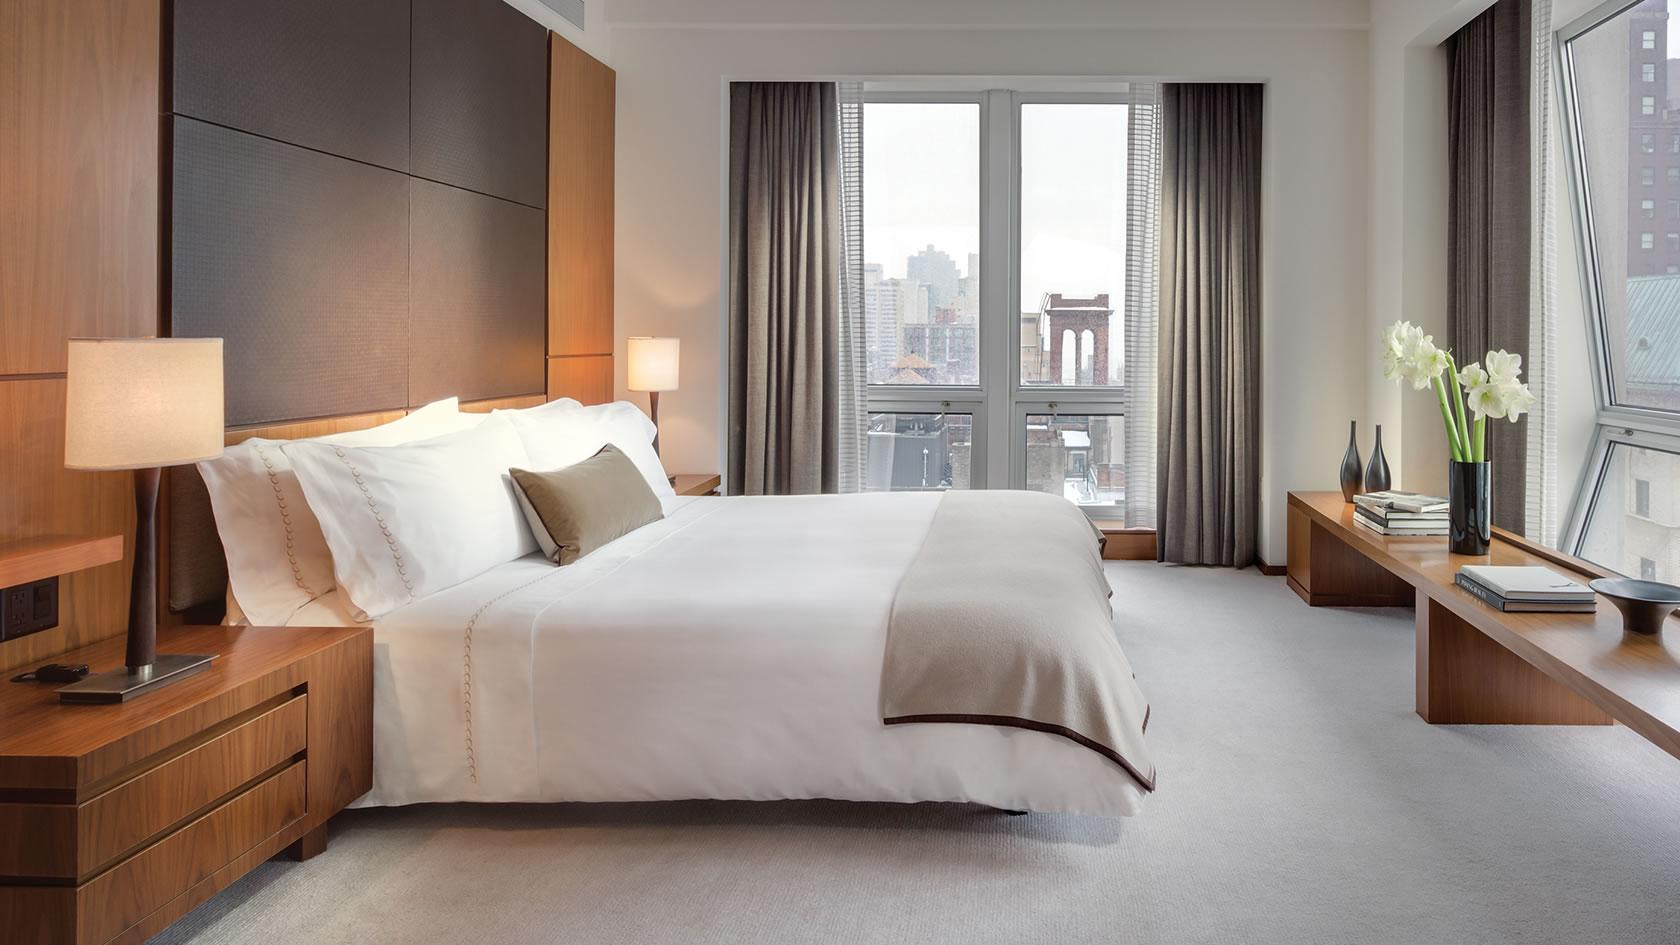 3 Bedroom Suites In New York City Cool 3 Bedroom Suites In New York City ~ Dact Decorating Inspiration